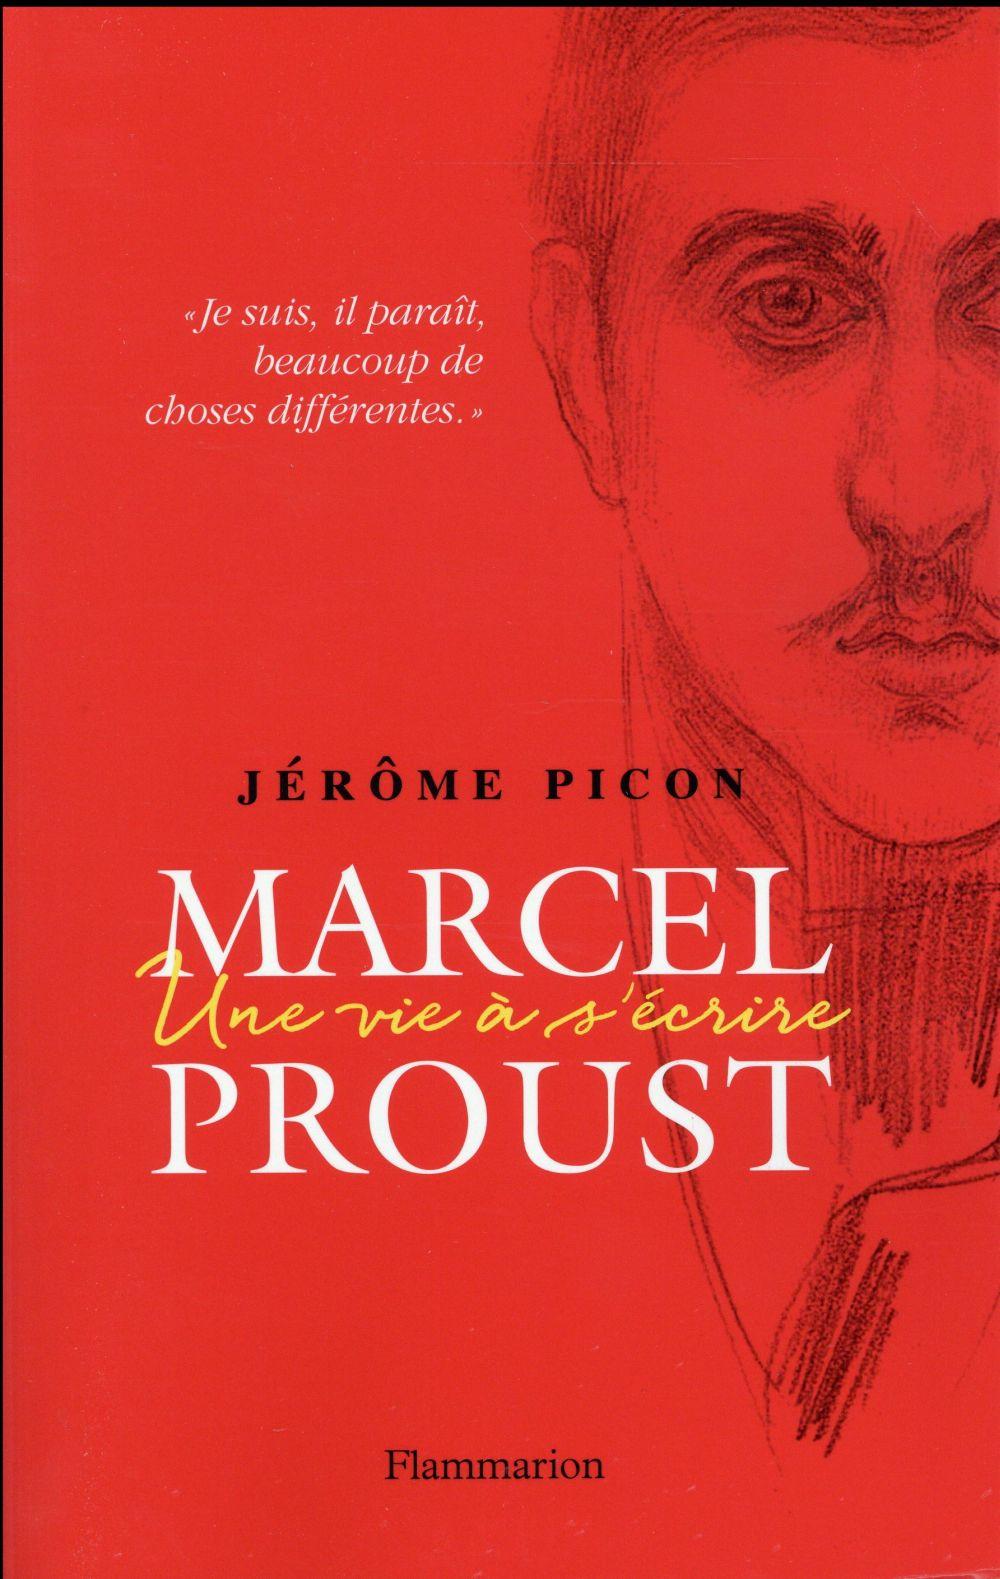 Marcel Proust, une vie à s'écrire